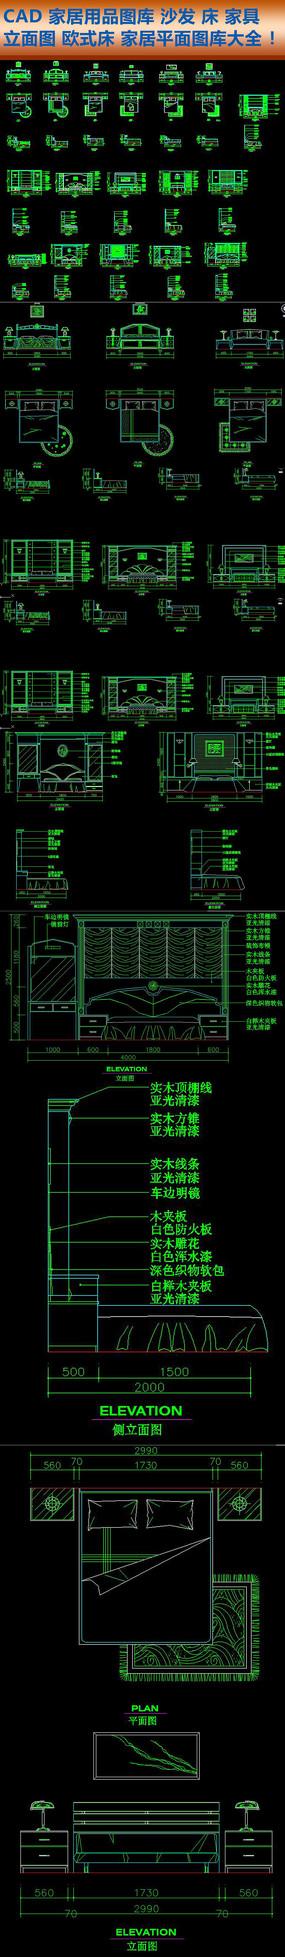 CAD床三视图家具家居用品